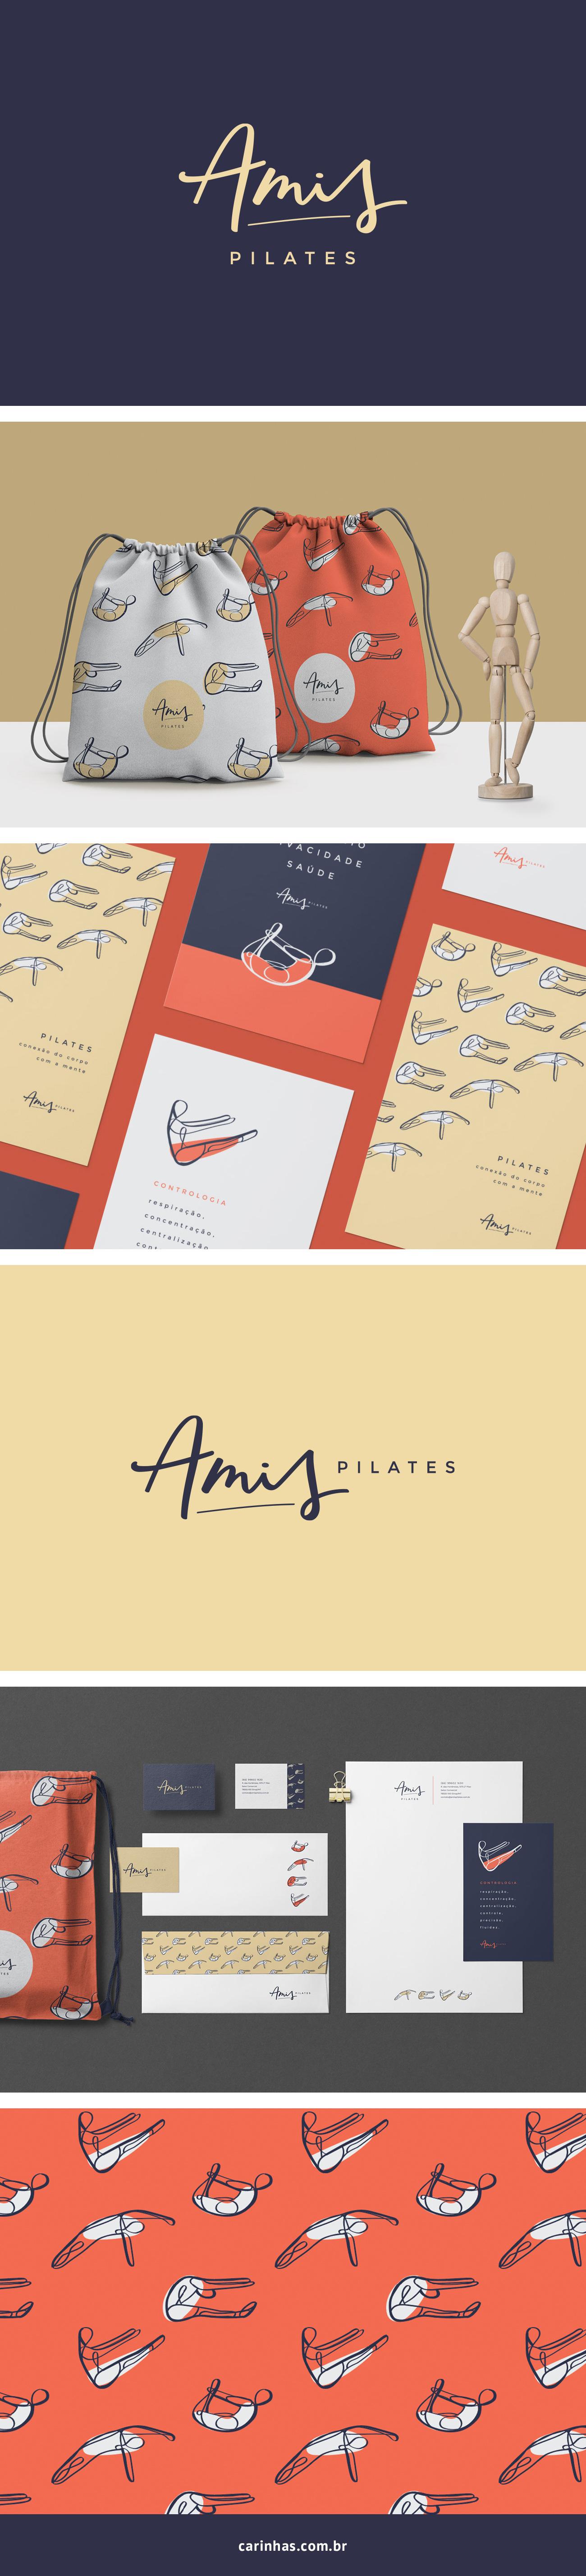 Marca Apaixonante para Amis Pilates - carinhas.com.br